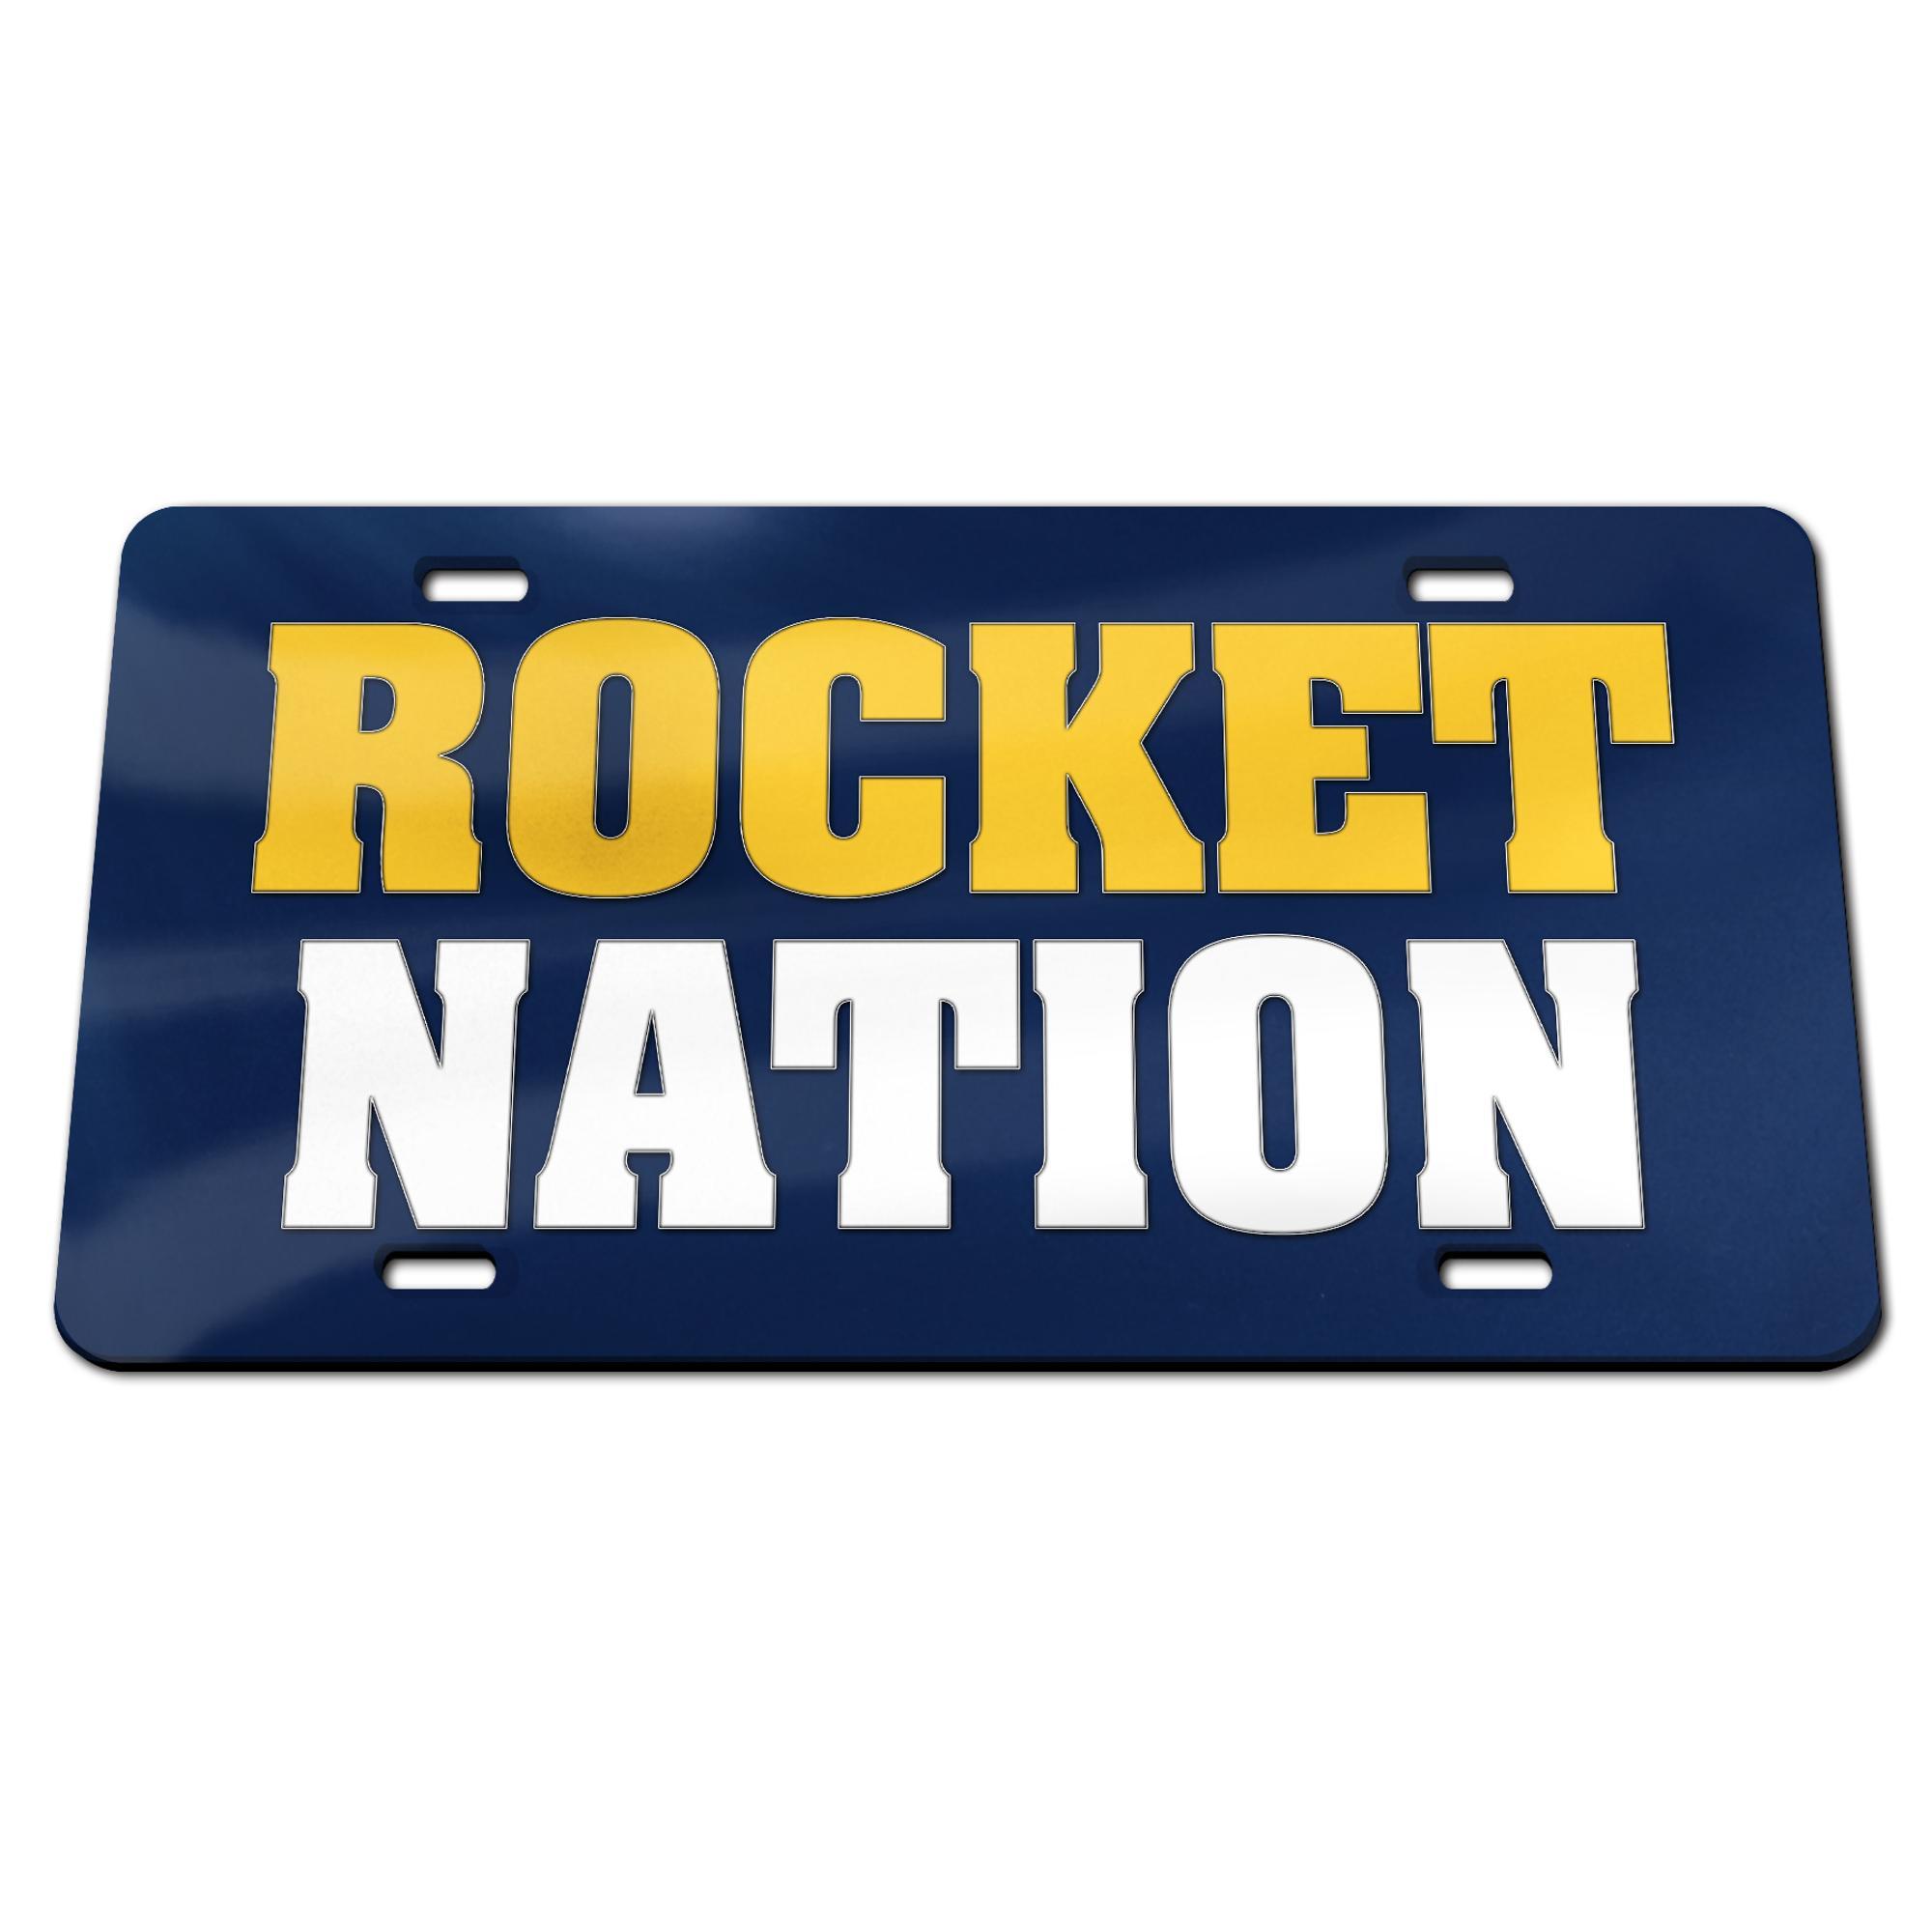 image of: Rocket Nation License Plate